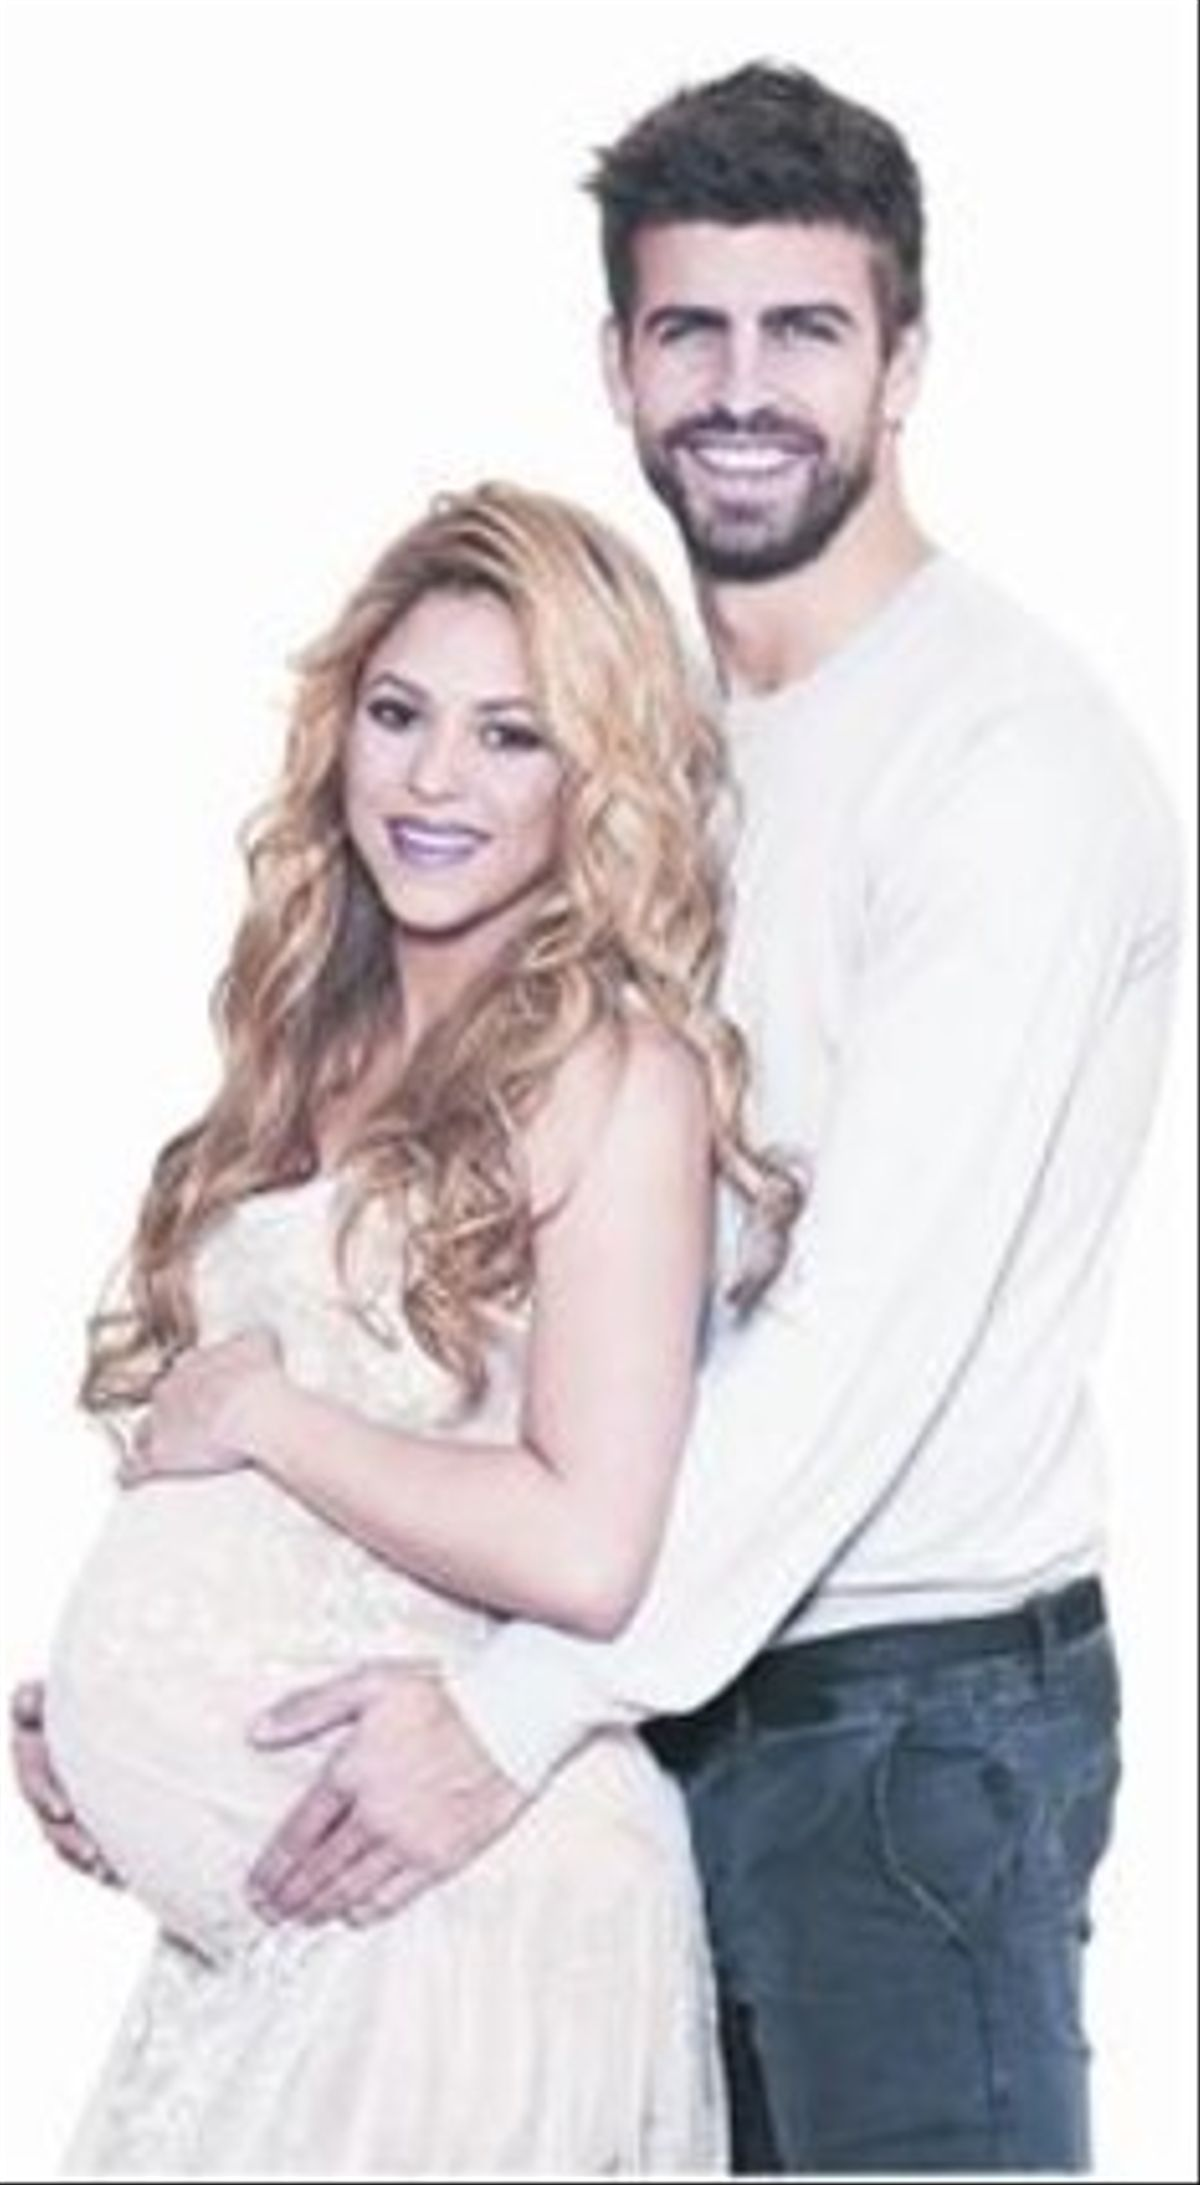 CARAS DE FELICIDAD 3 Shakira, en avanzado estado de gestación, y Piqué, en una imagen de suúltima y recient campaña solidariapara Unicef.